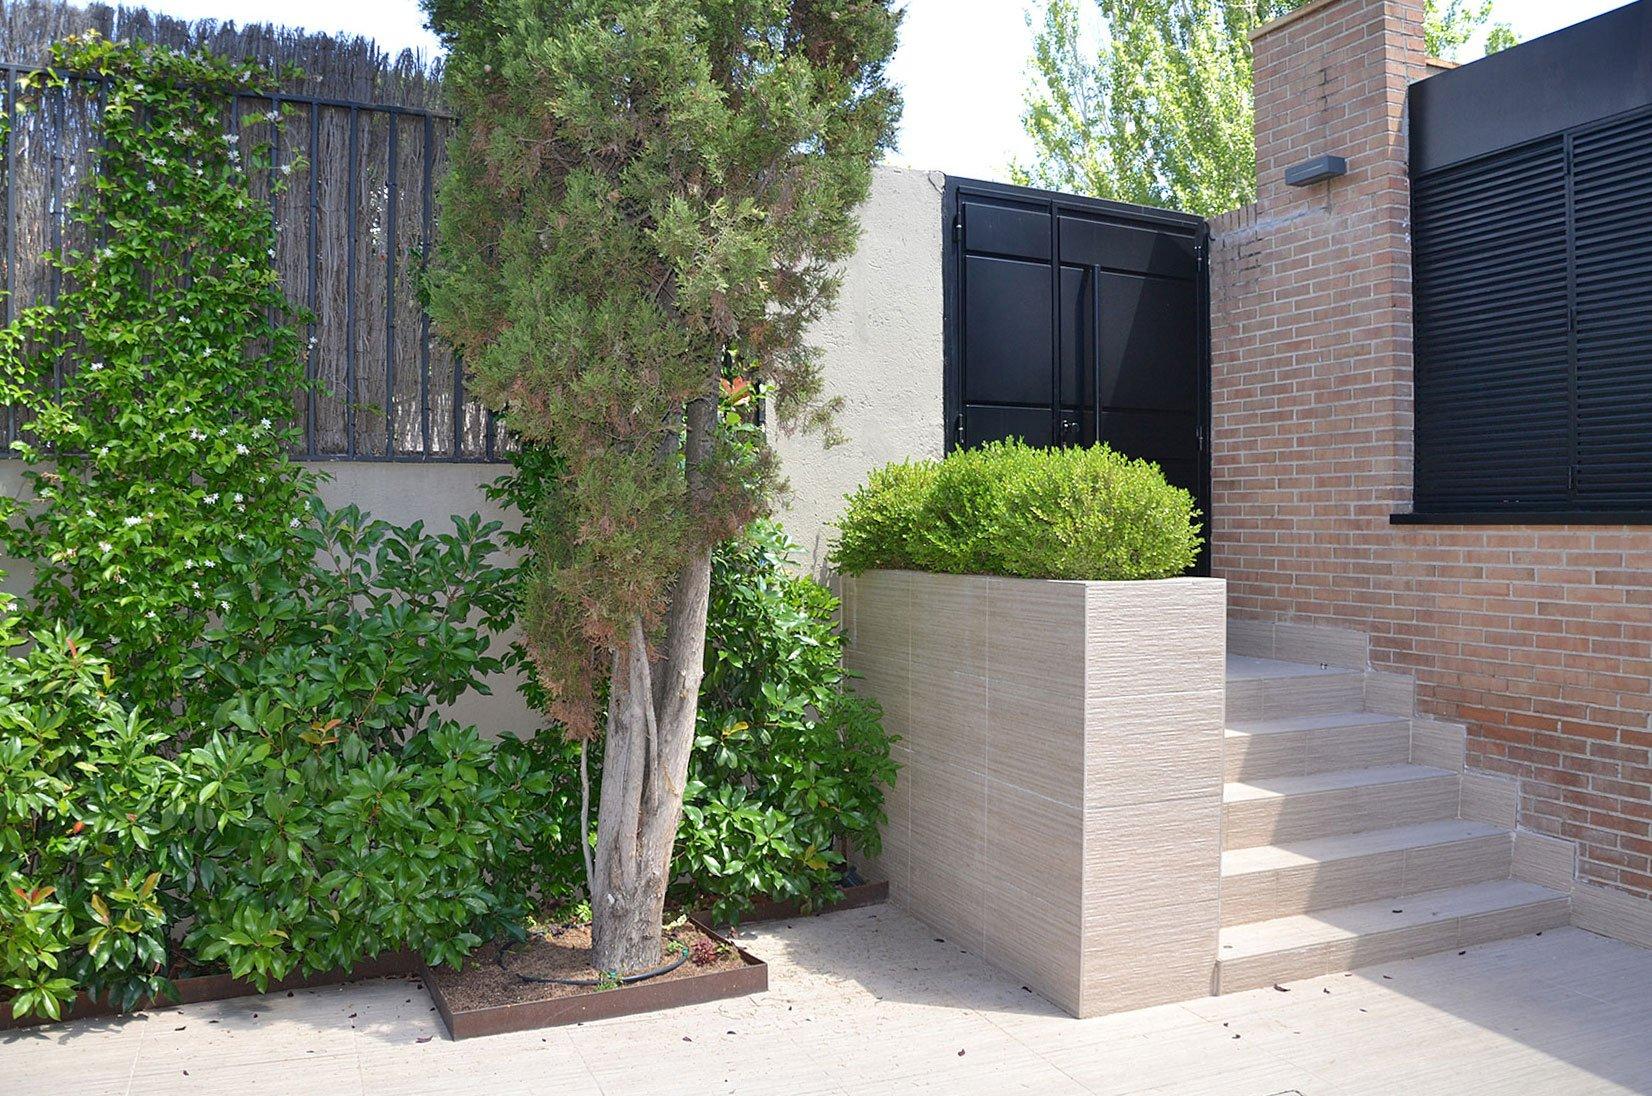 Jardín de entrada a vivienda